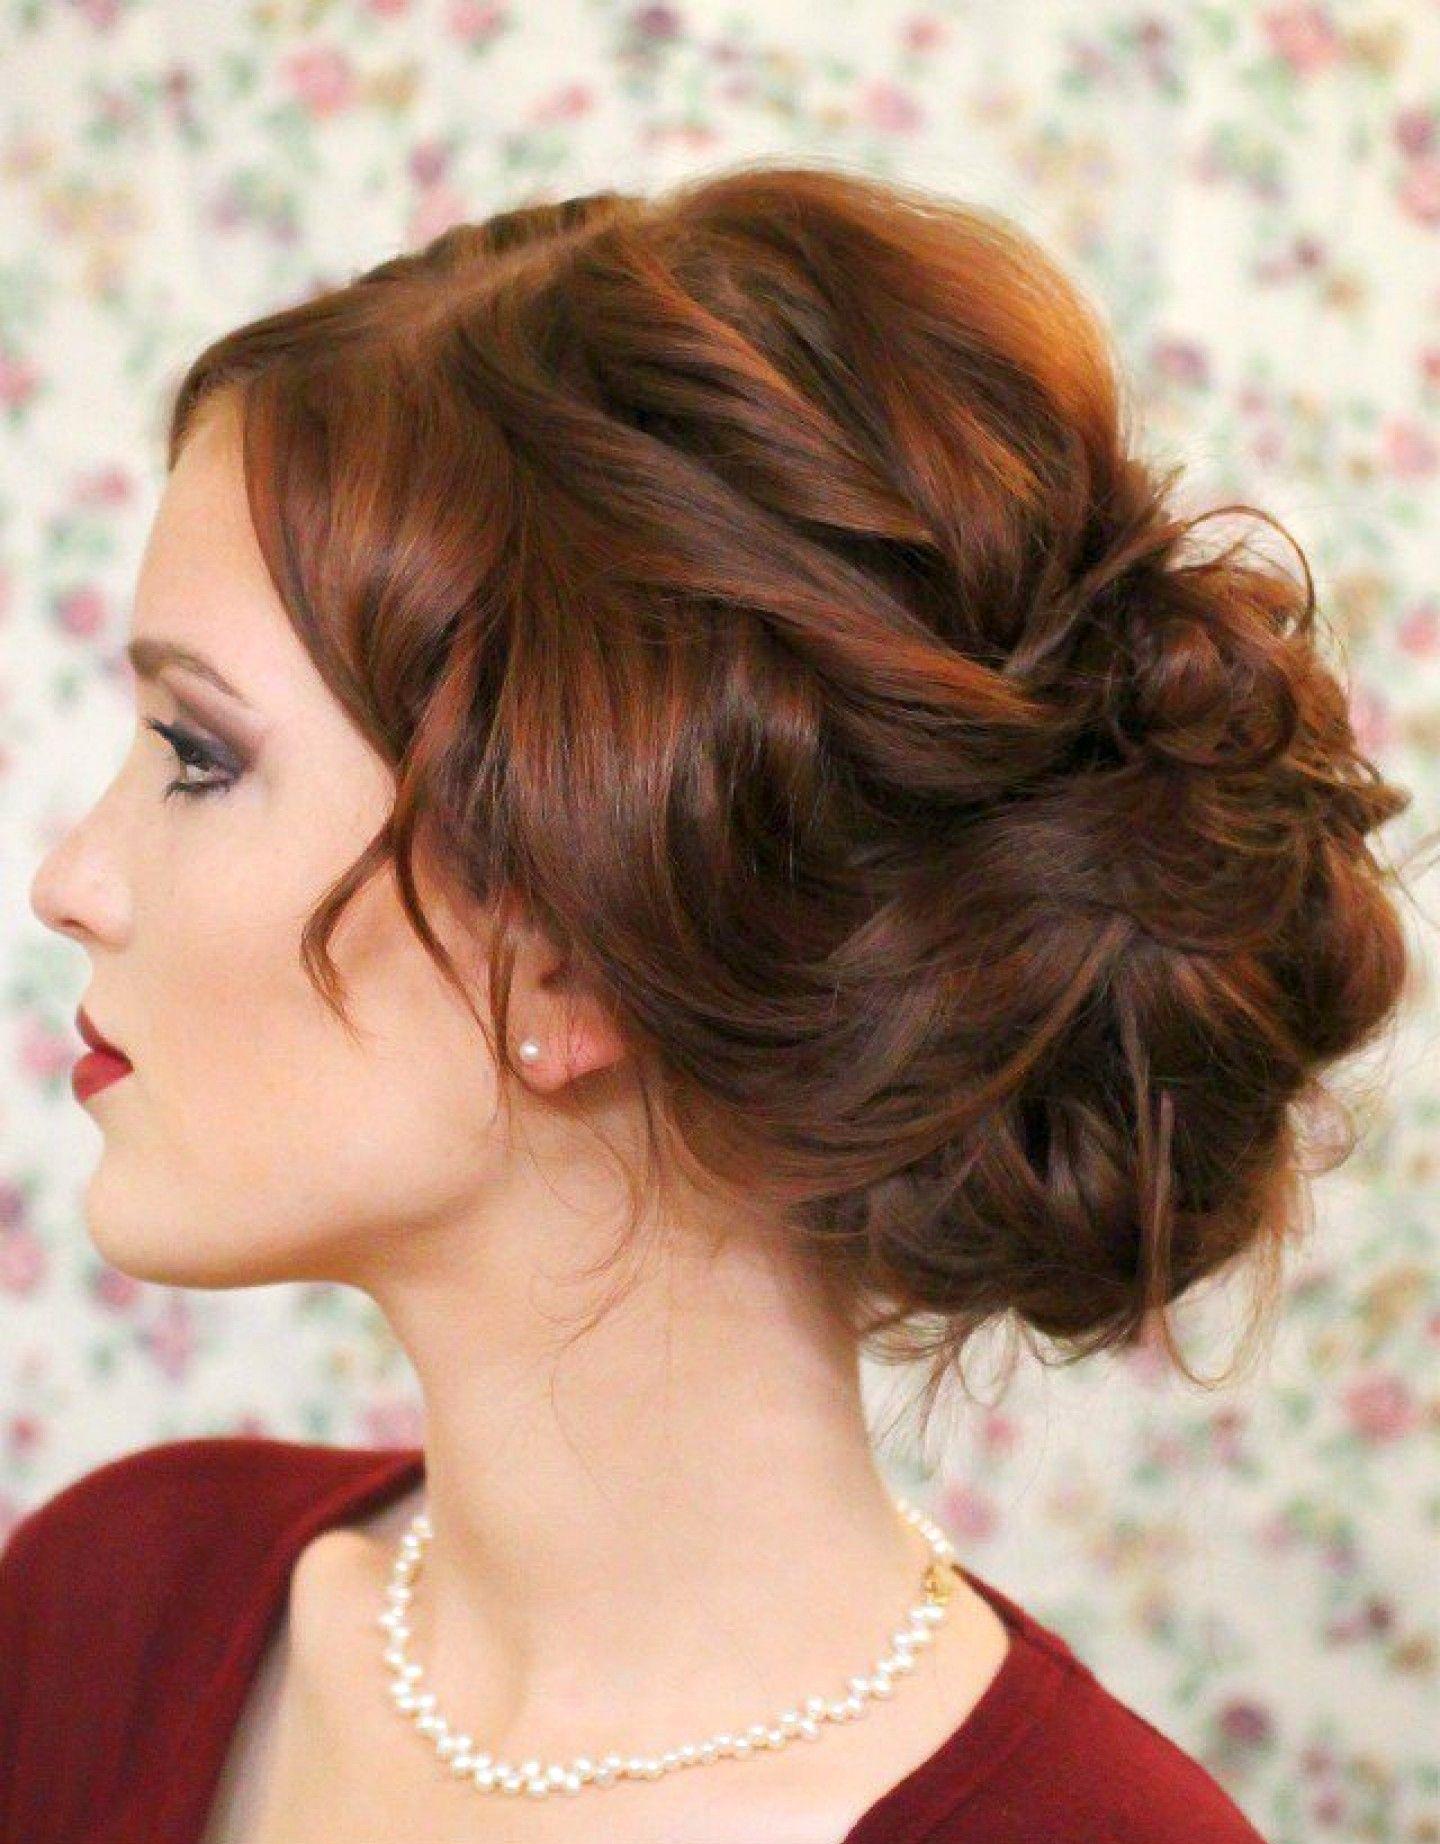 прическа на длинные собранные волосы фото валиком функциональной причины можно